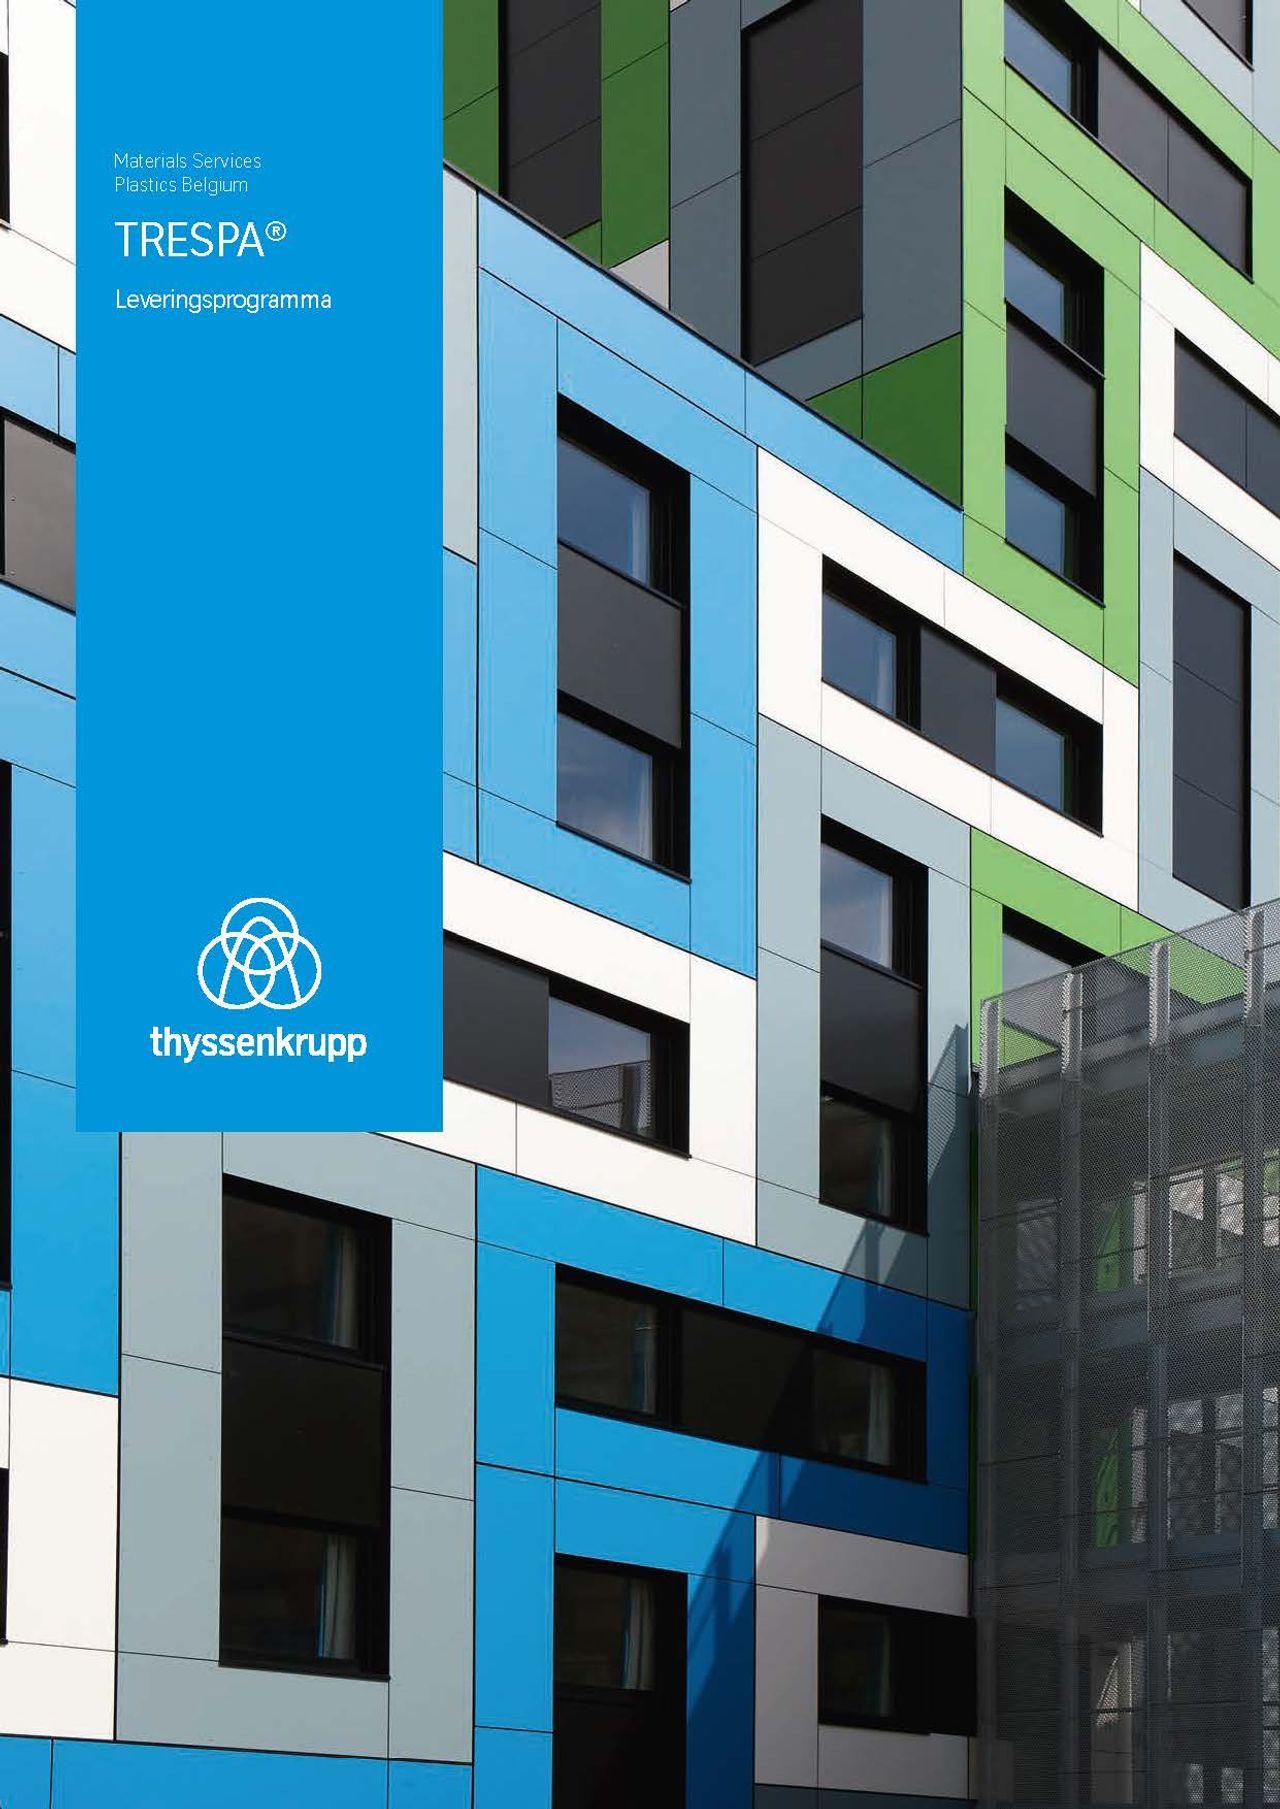 Afbeelding brochure TRESPA® leveringsprogramma